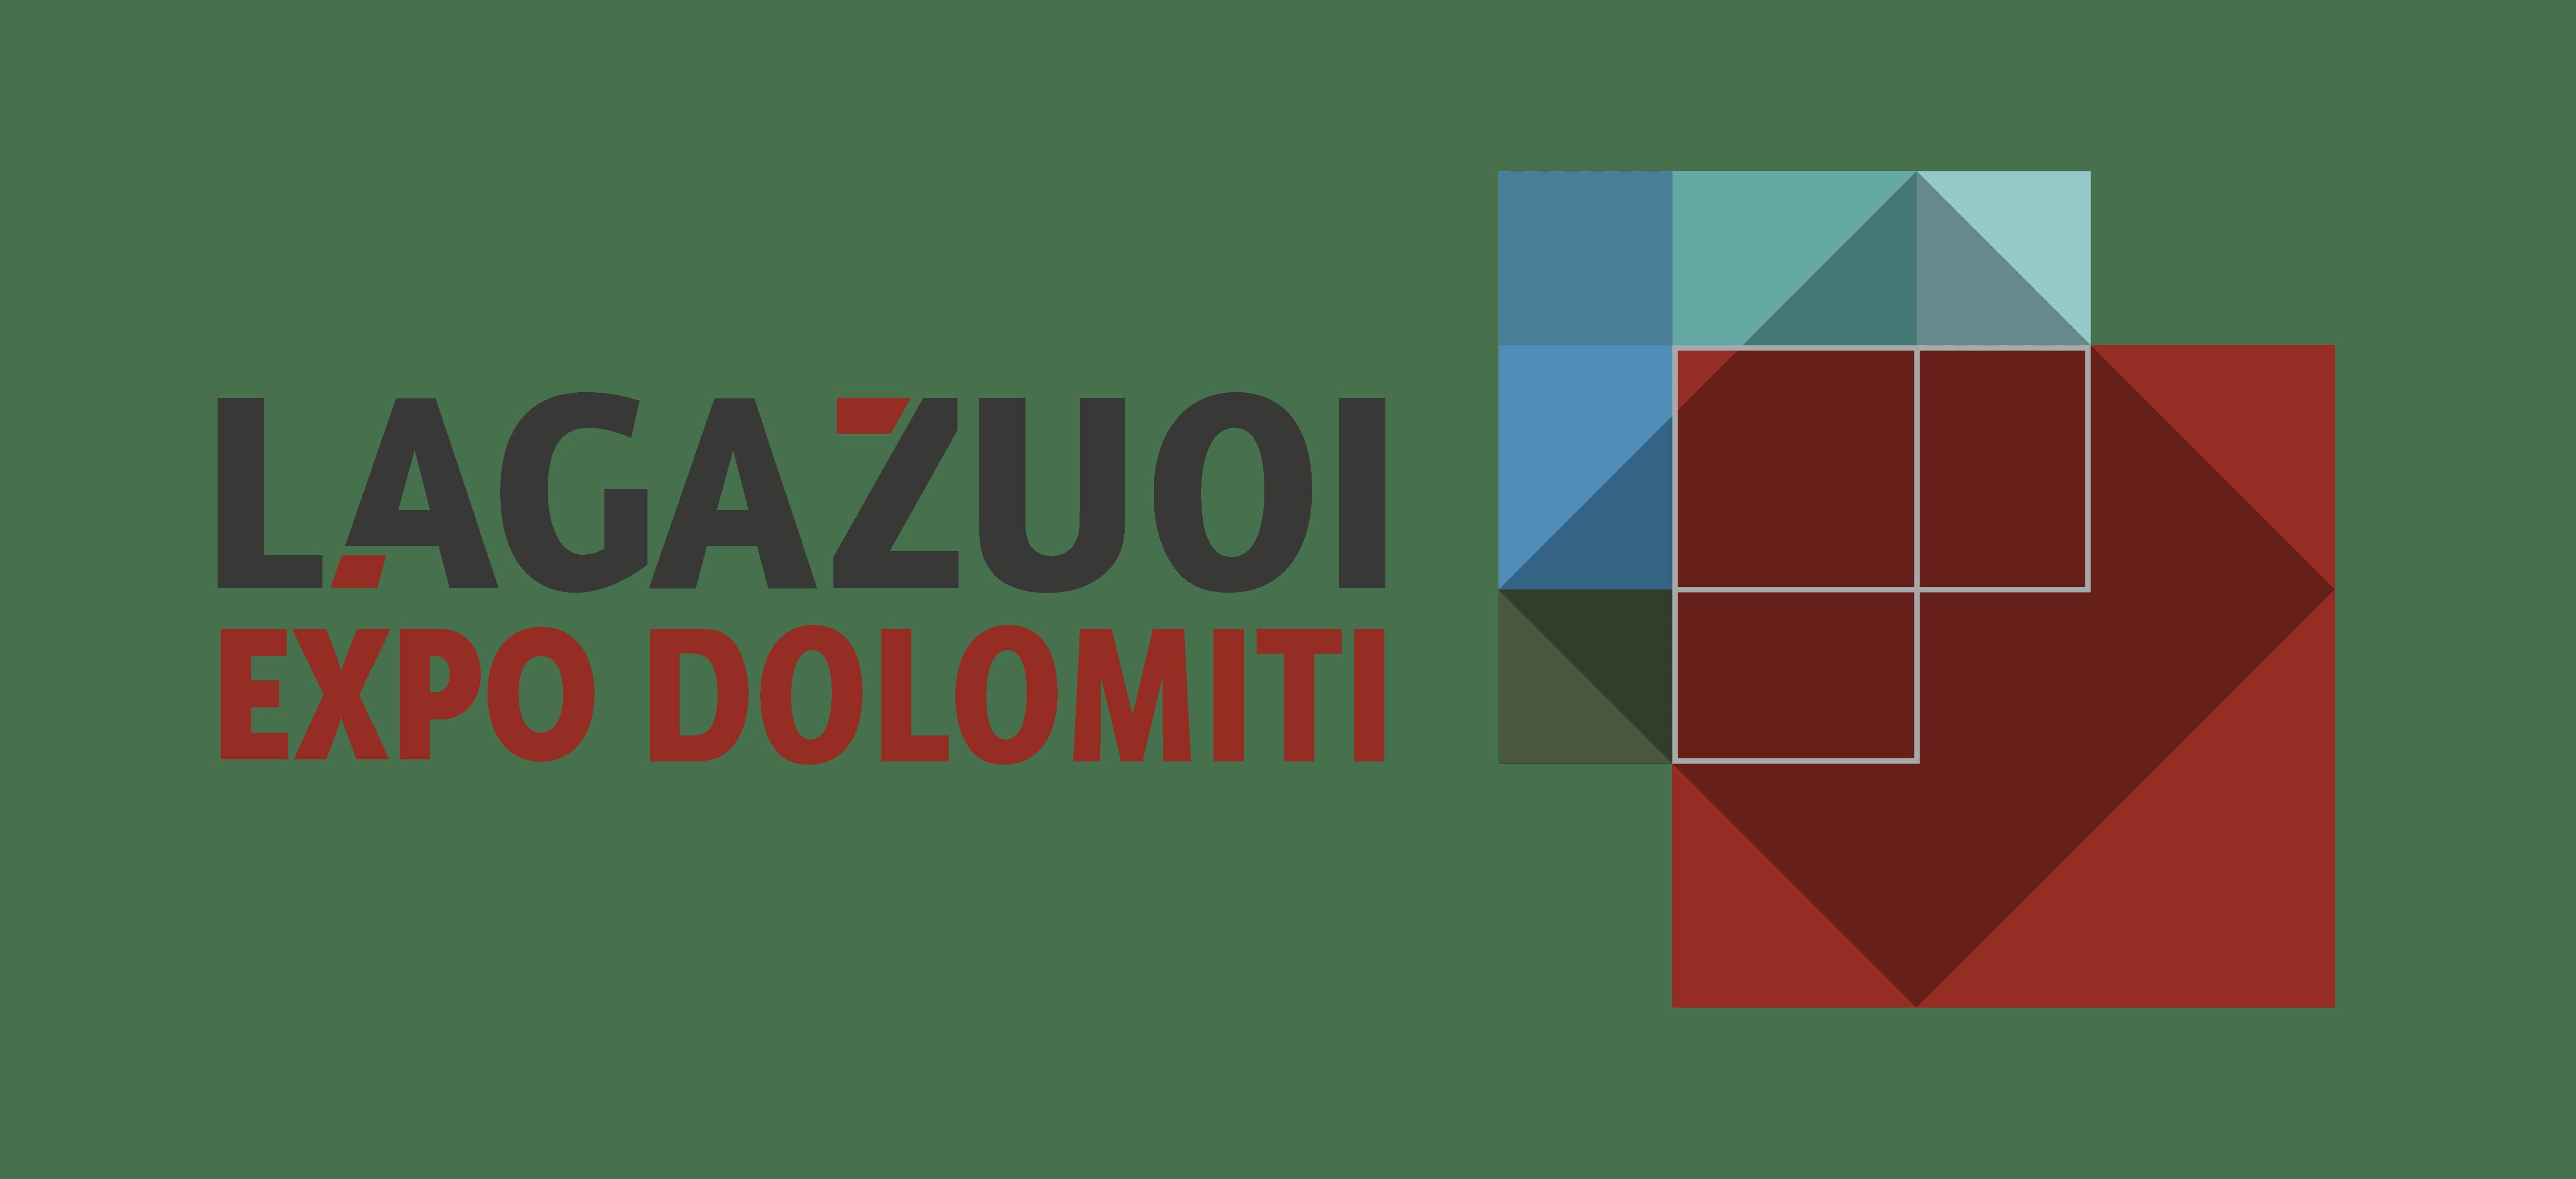 """Immagine Grand Opening all'Expo Dolomiti per la mostra """"Oltre"""", mercoledì 21 agosto 2019, alle ore 12.00"""